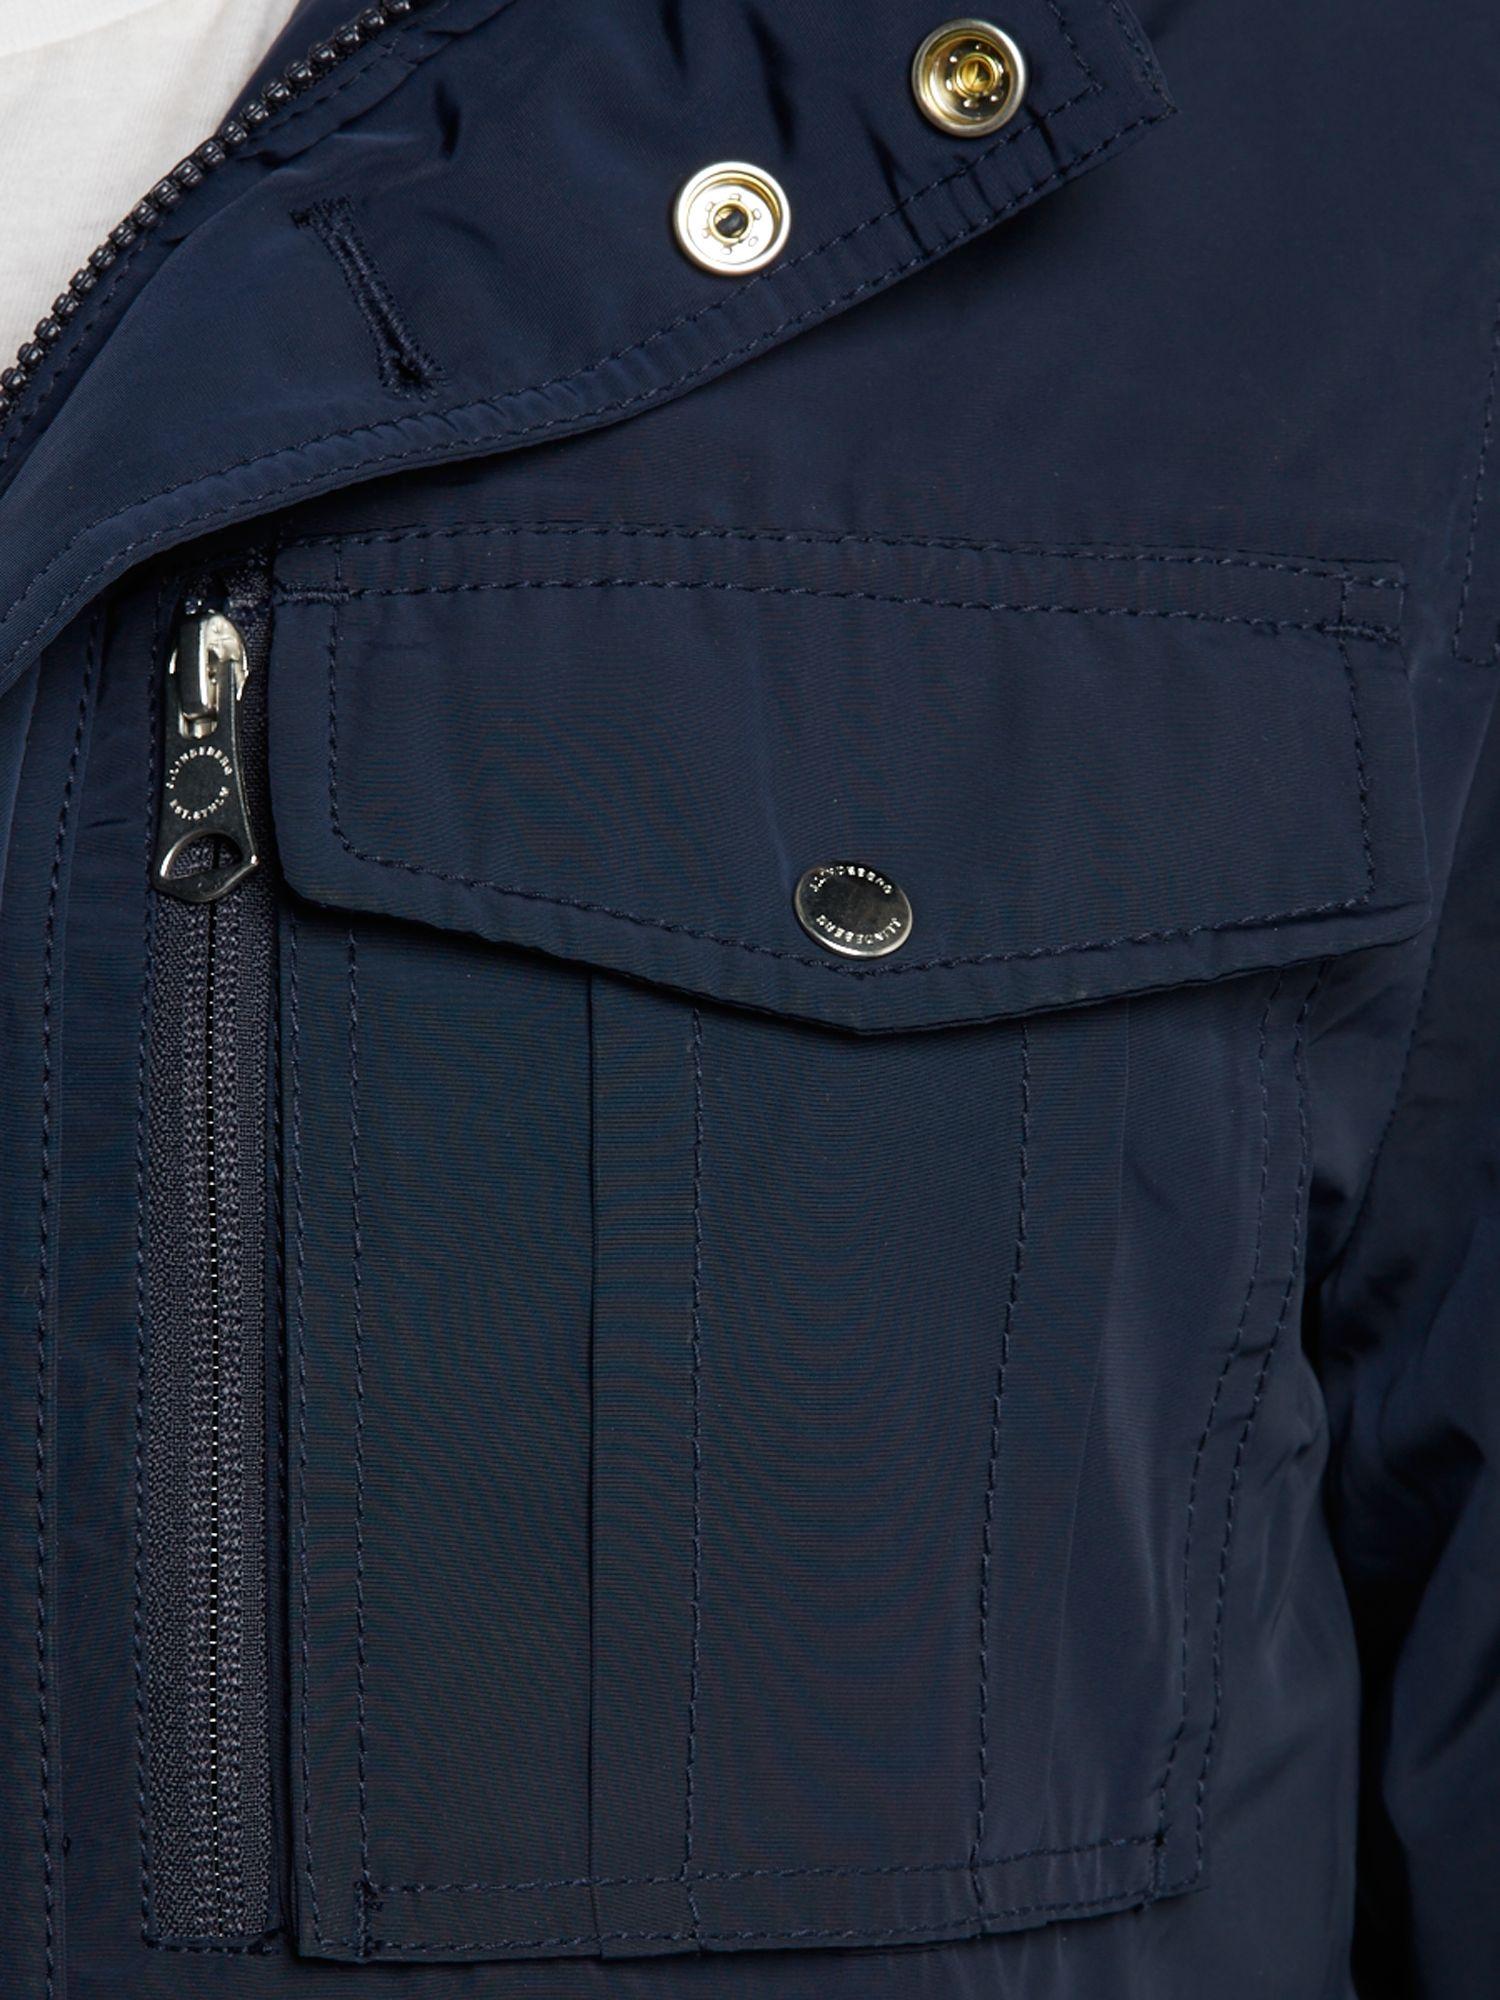 J.Lindeberg Structured Jacket in Dark Navy (Blue) for Men